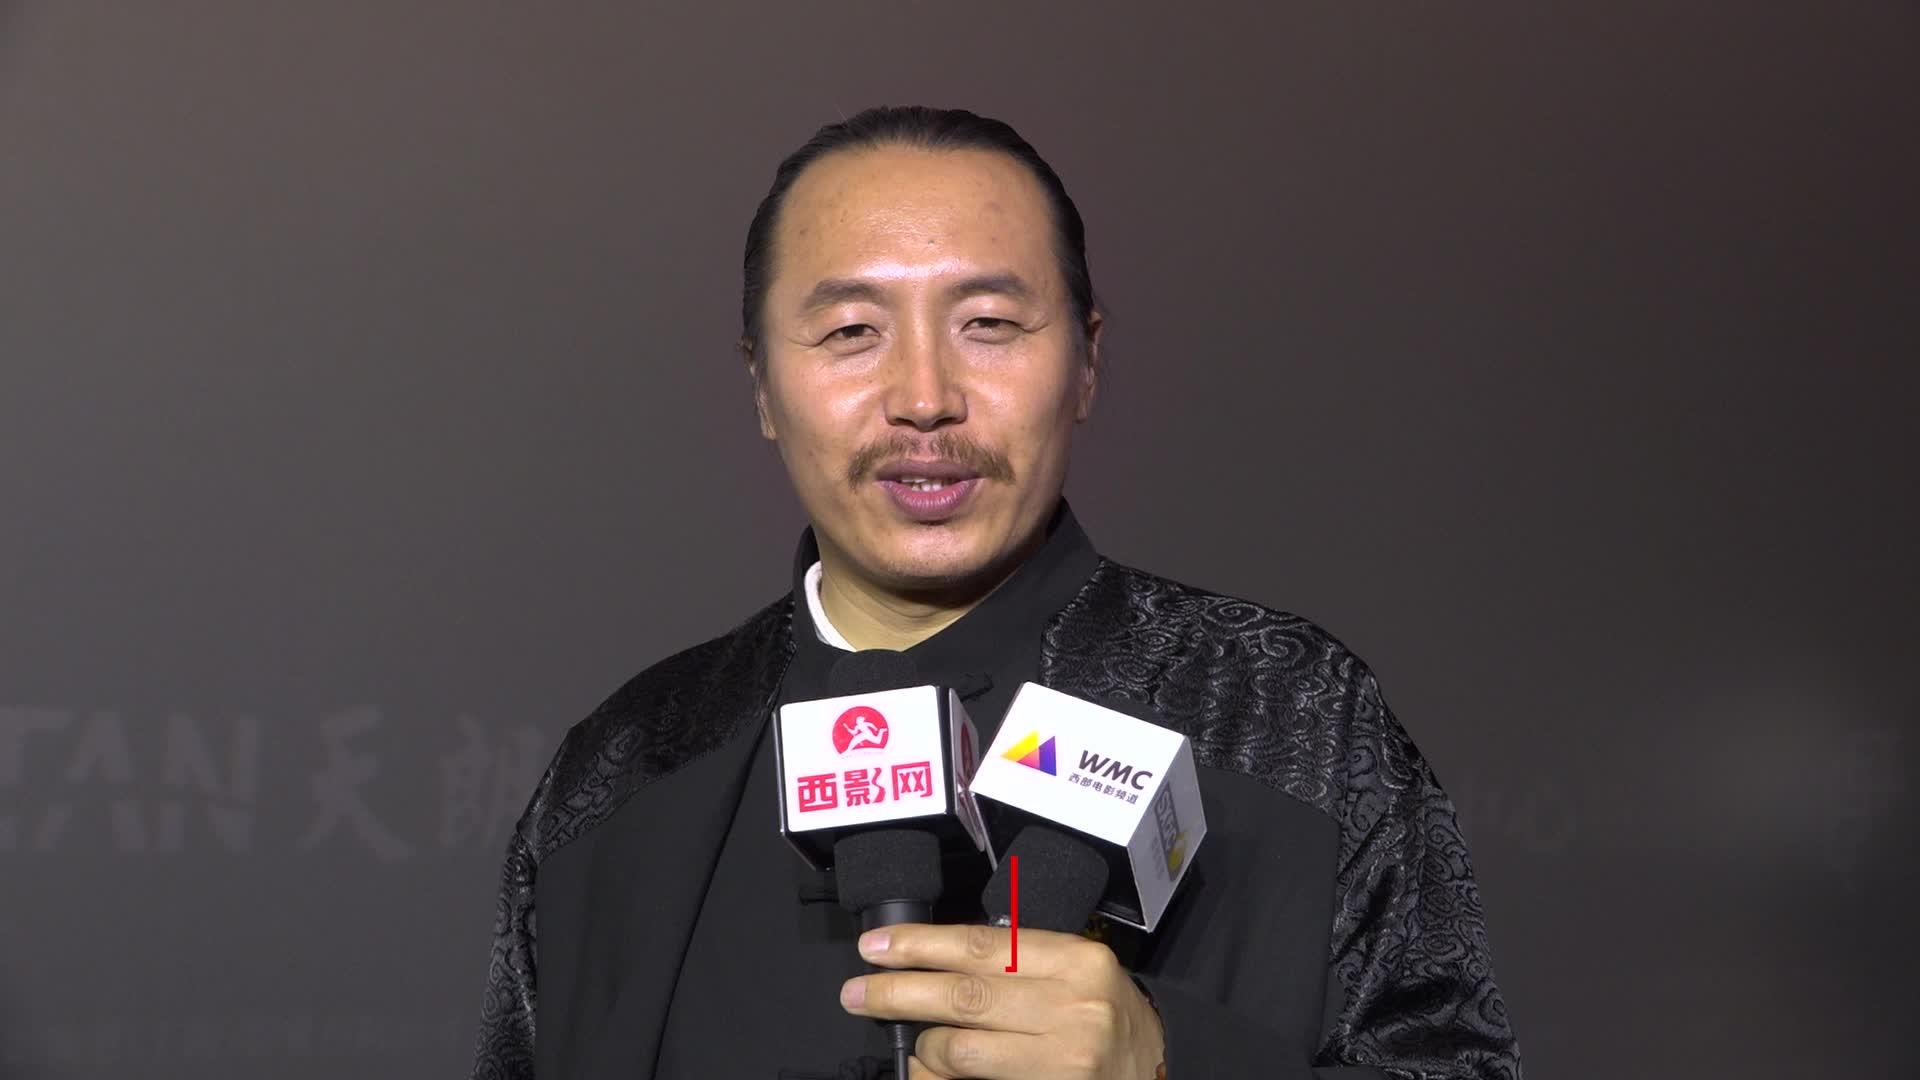 电影《柳青》导演田波专访  分享电影拍摄的初心与意义